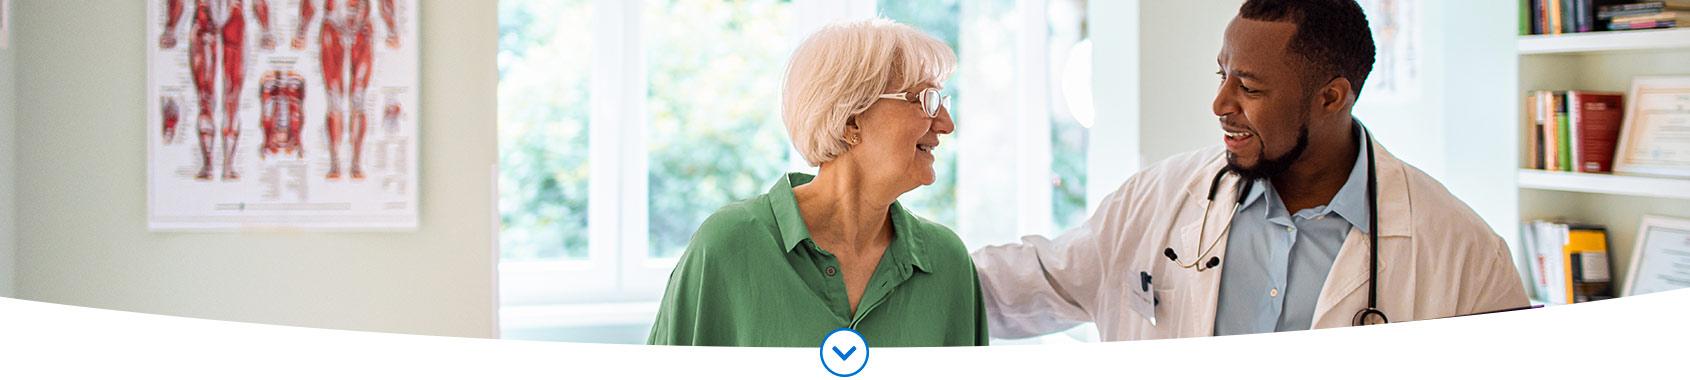 Afbeelding van mevrouw, over makkelijk kiezen voor de basisverzekering.